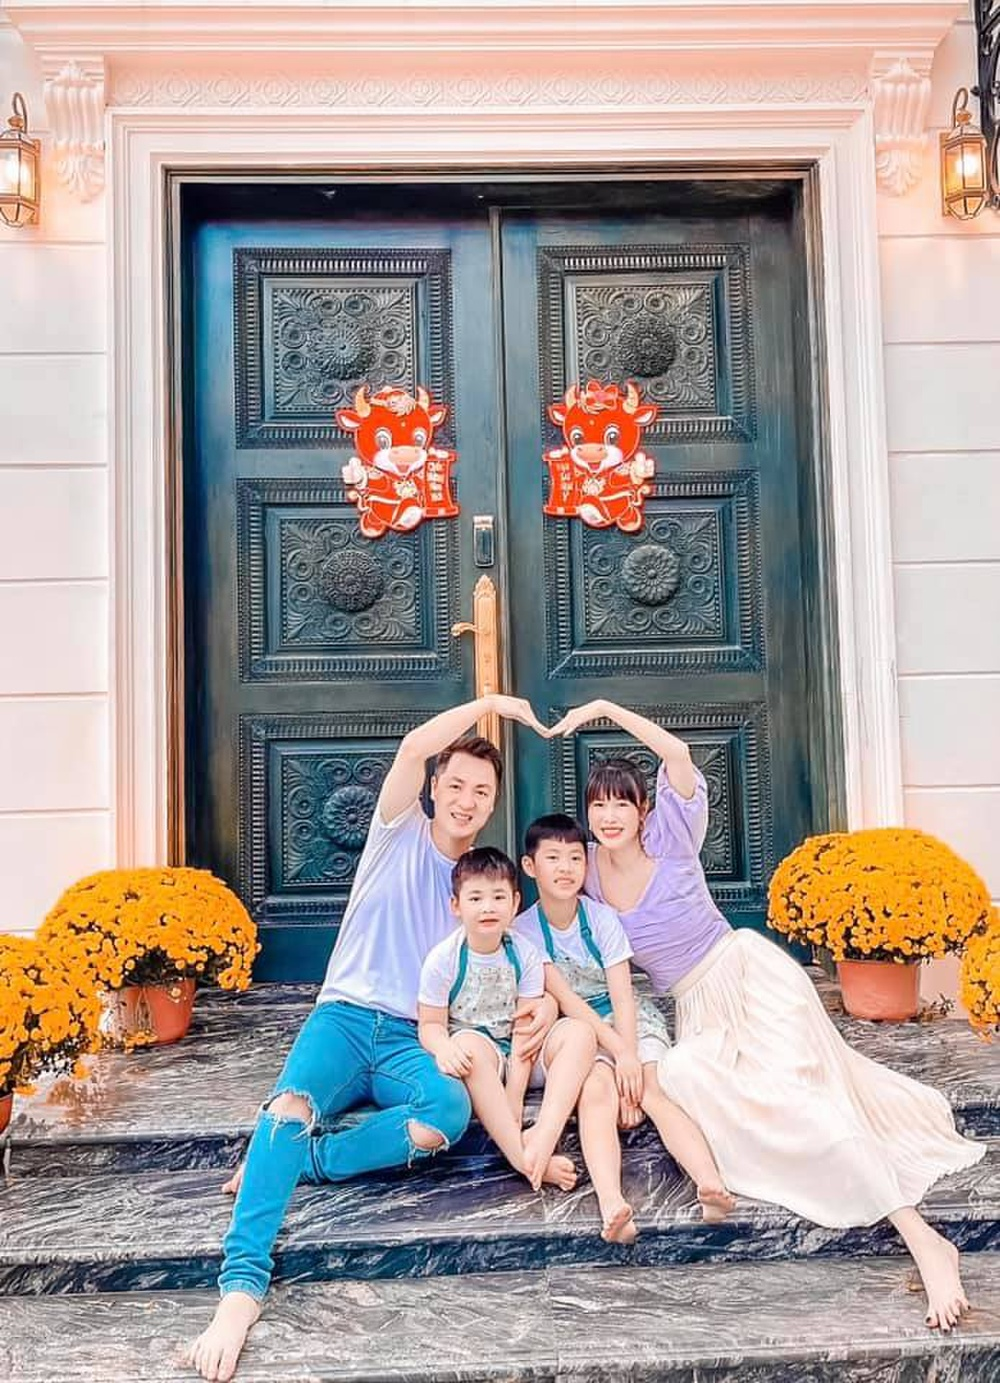 Sao Việt trang trí nhà cửa đón Tết: Ngọc Trinh - Bảo Thy chơi trội, Hà Tăng đơn giản nhưng vẫn 'xịn xò' Ảnh 15